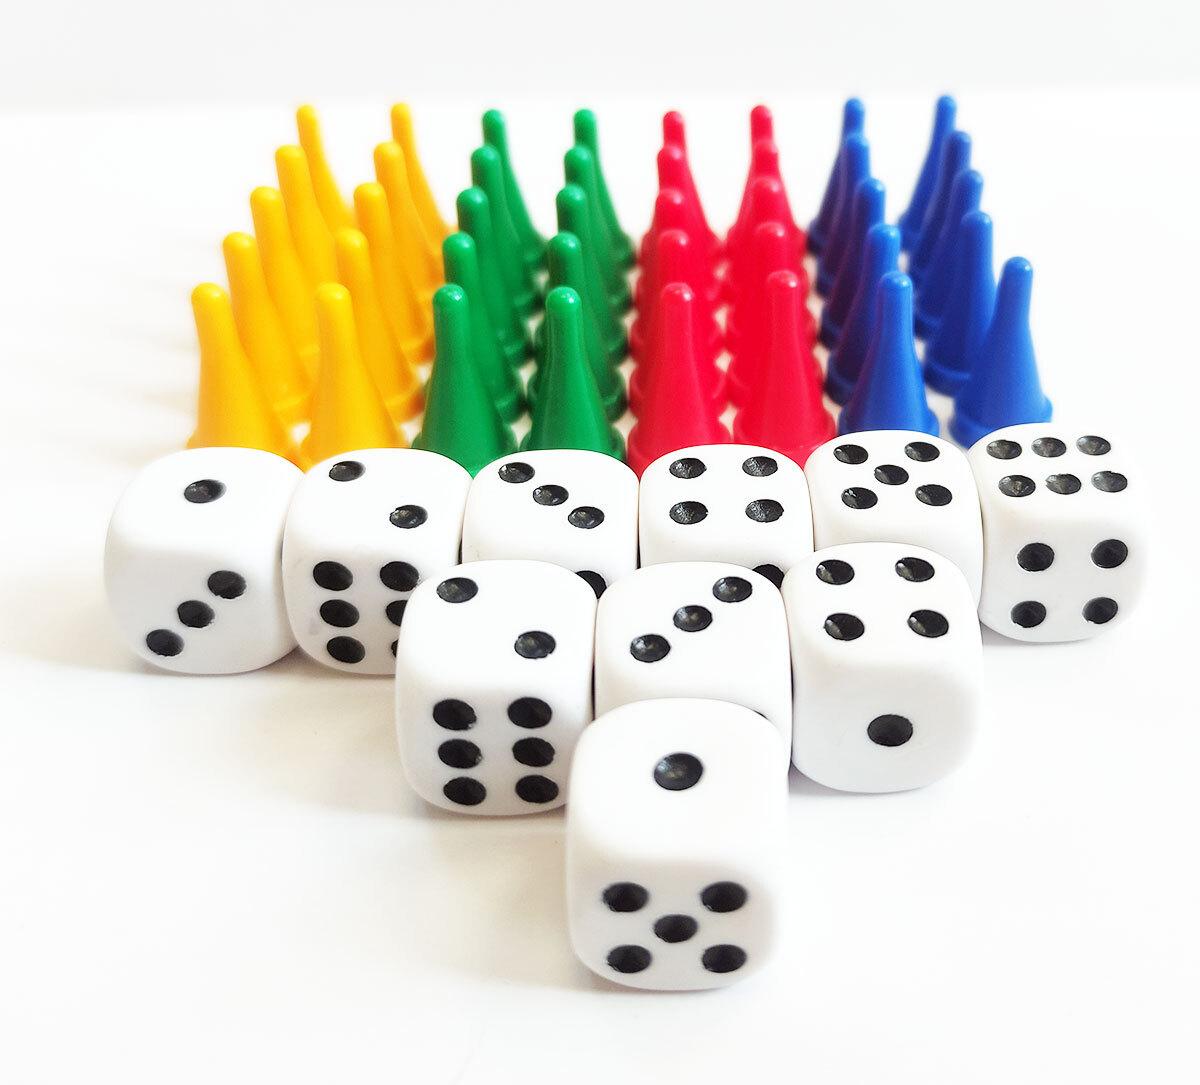 Набор фишек конус и кубиков для настольных игр